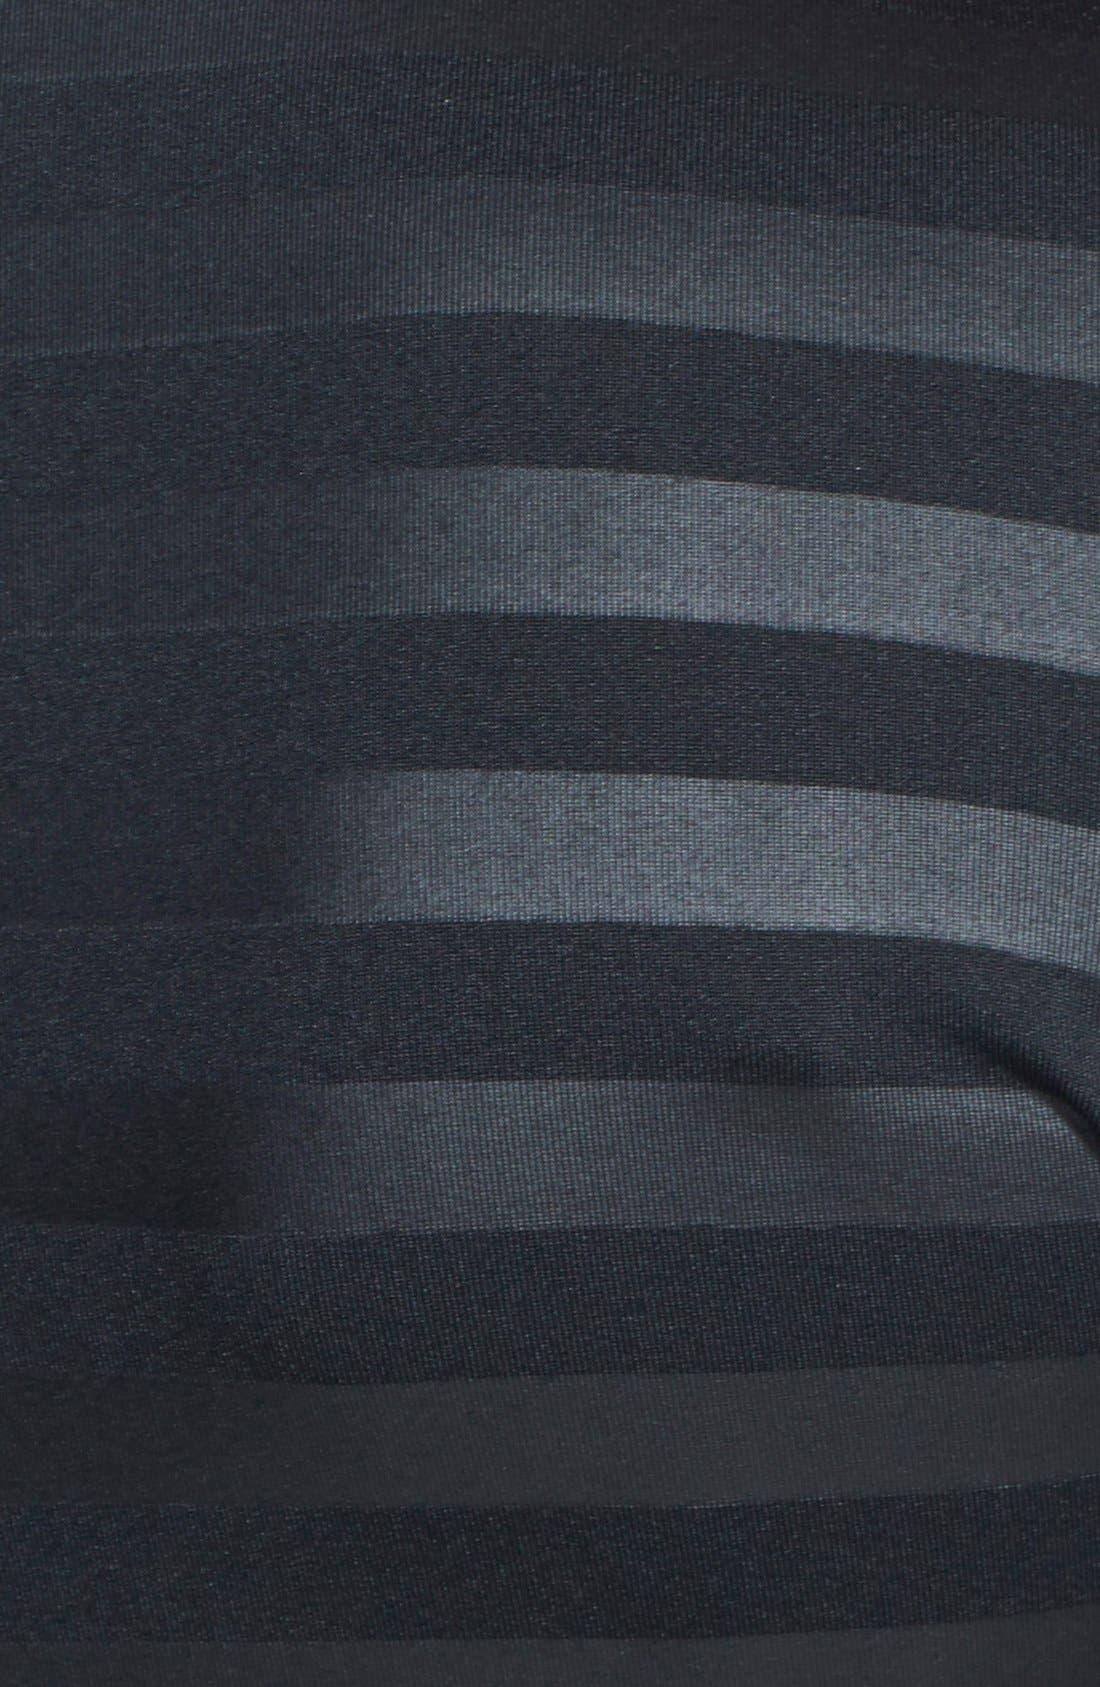 'Pro Hyperwarm' Embossed Stripe Half Zip Top,                             Alternate thumbnail 4, color,                             010